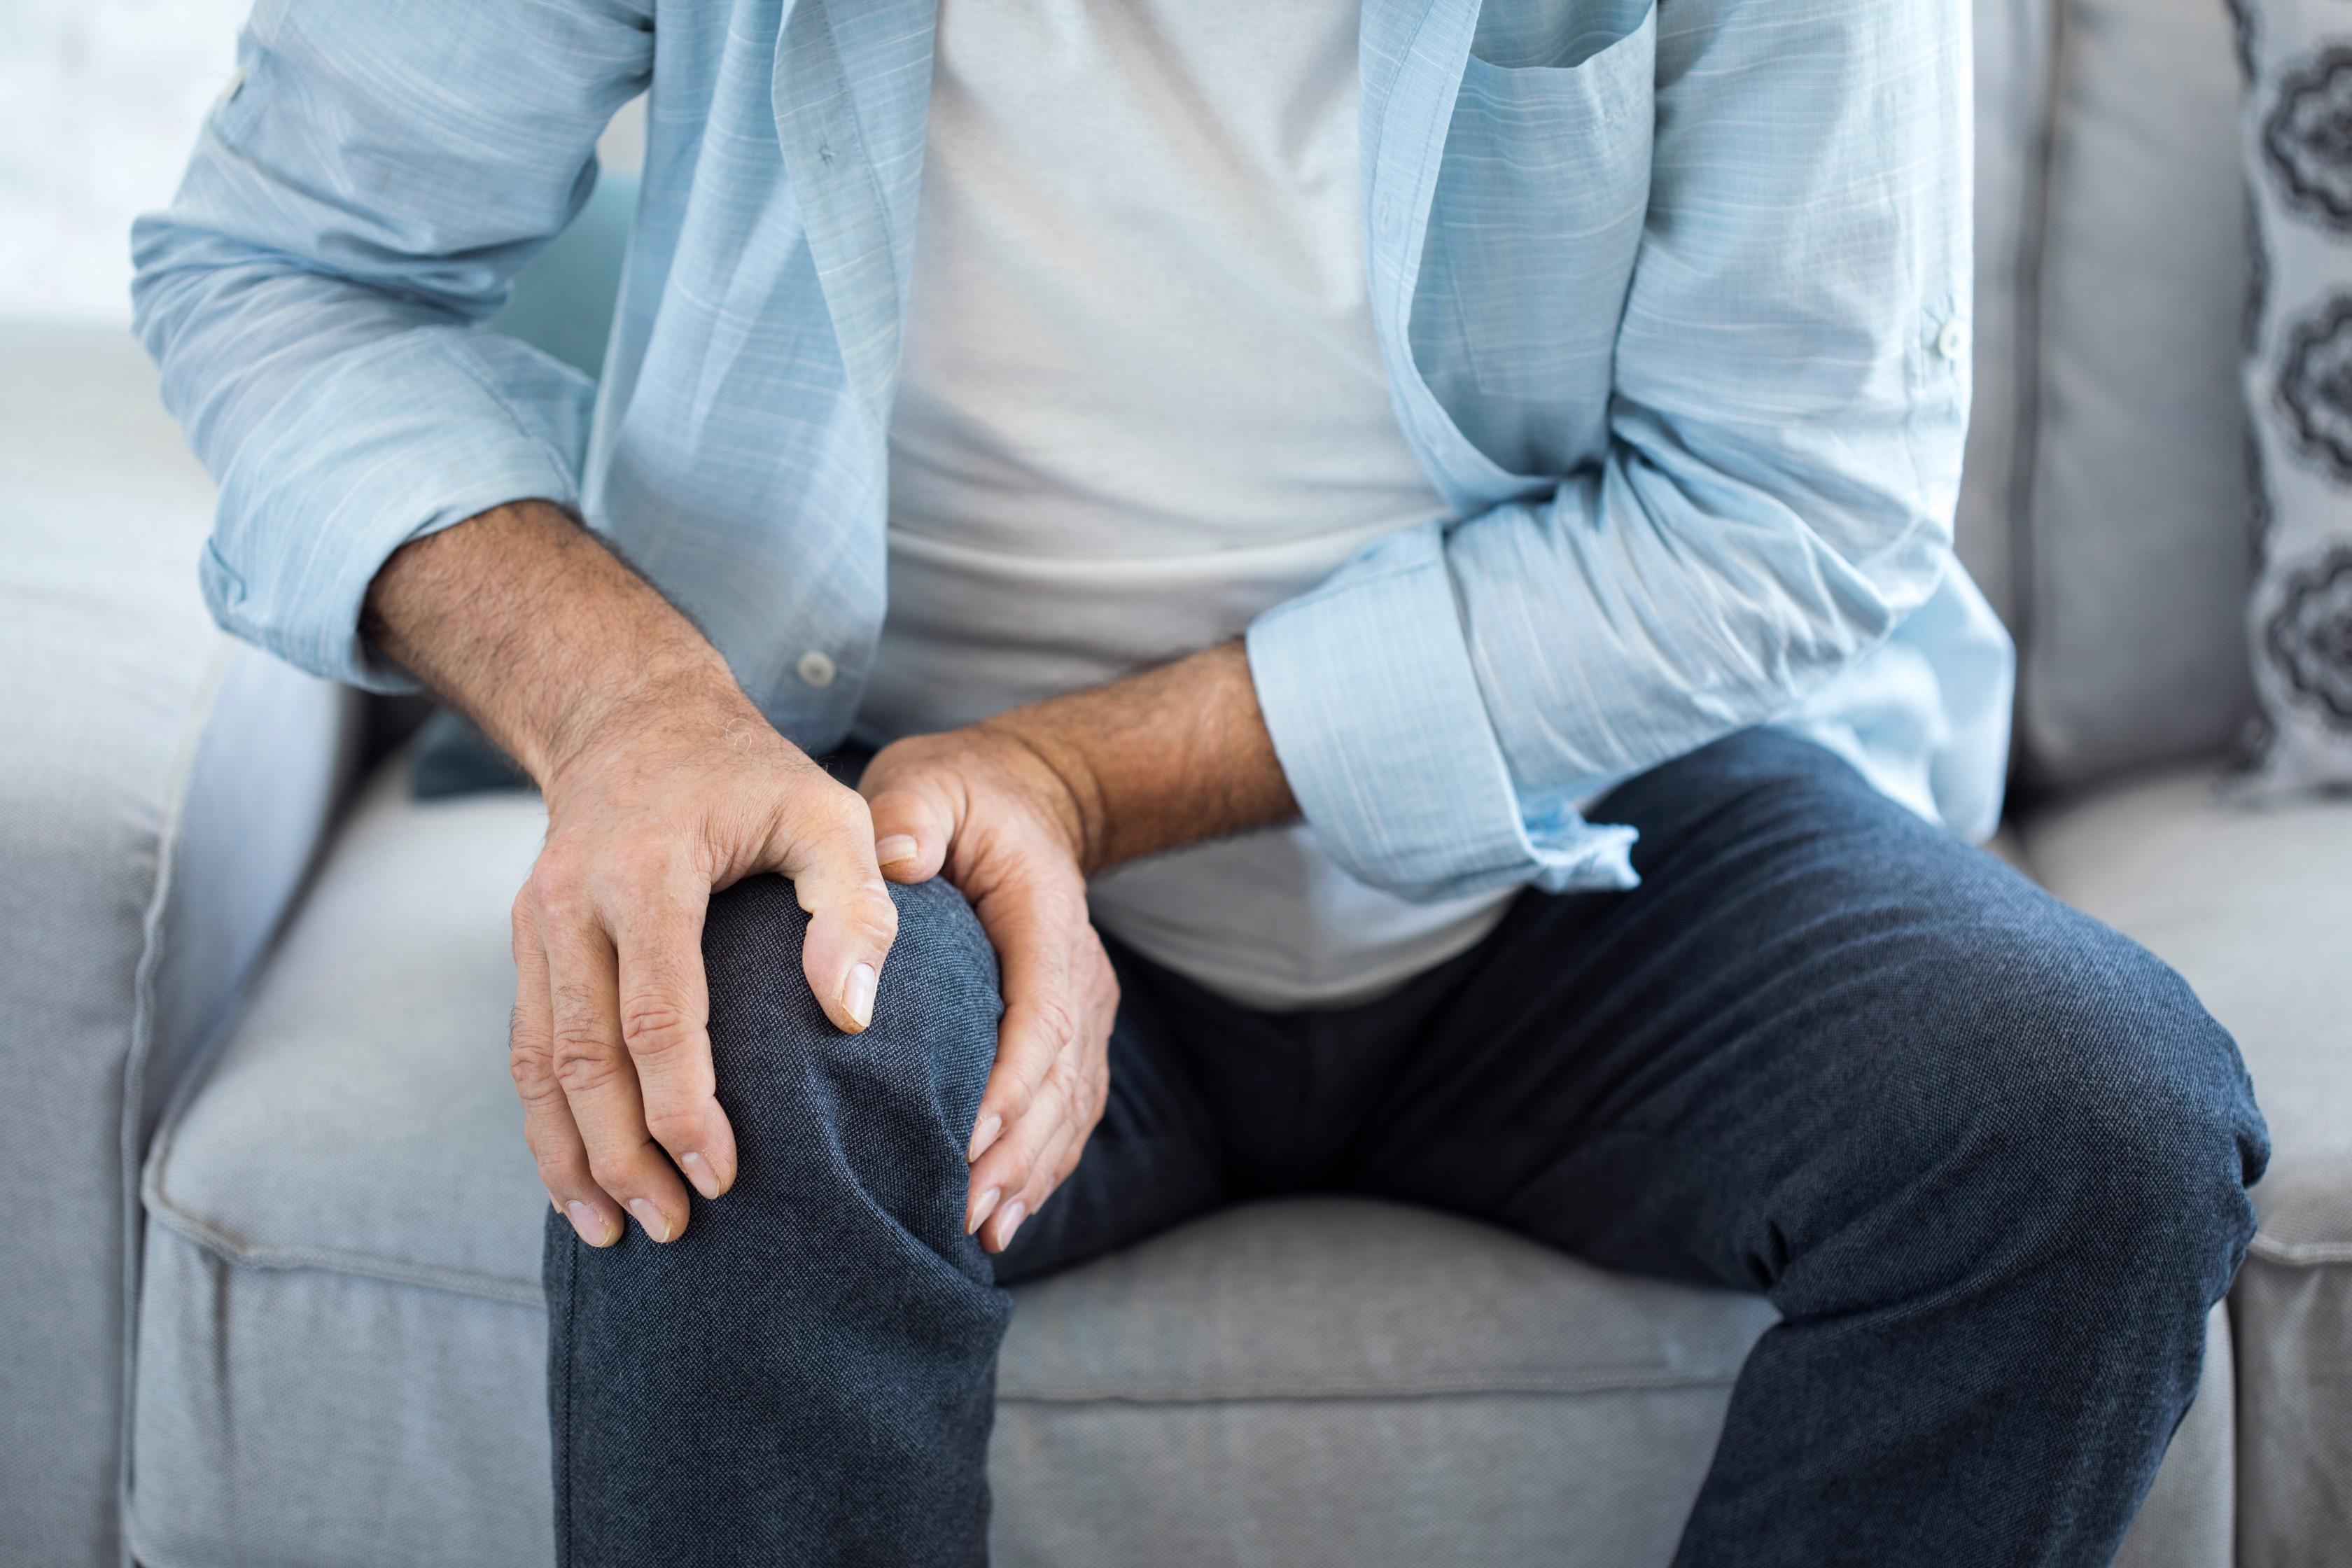 ízületek ujjak fájdalma zokni ízületi fájdalomra